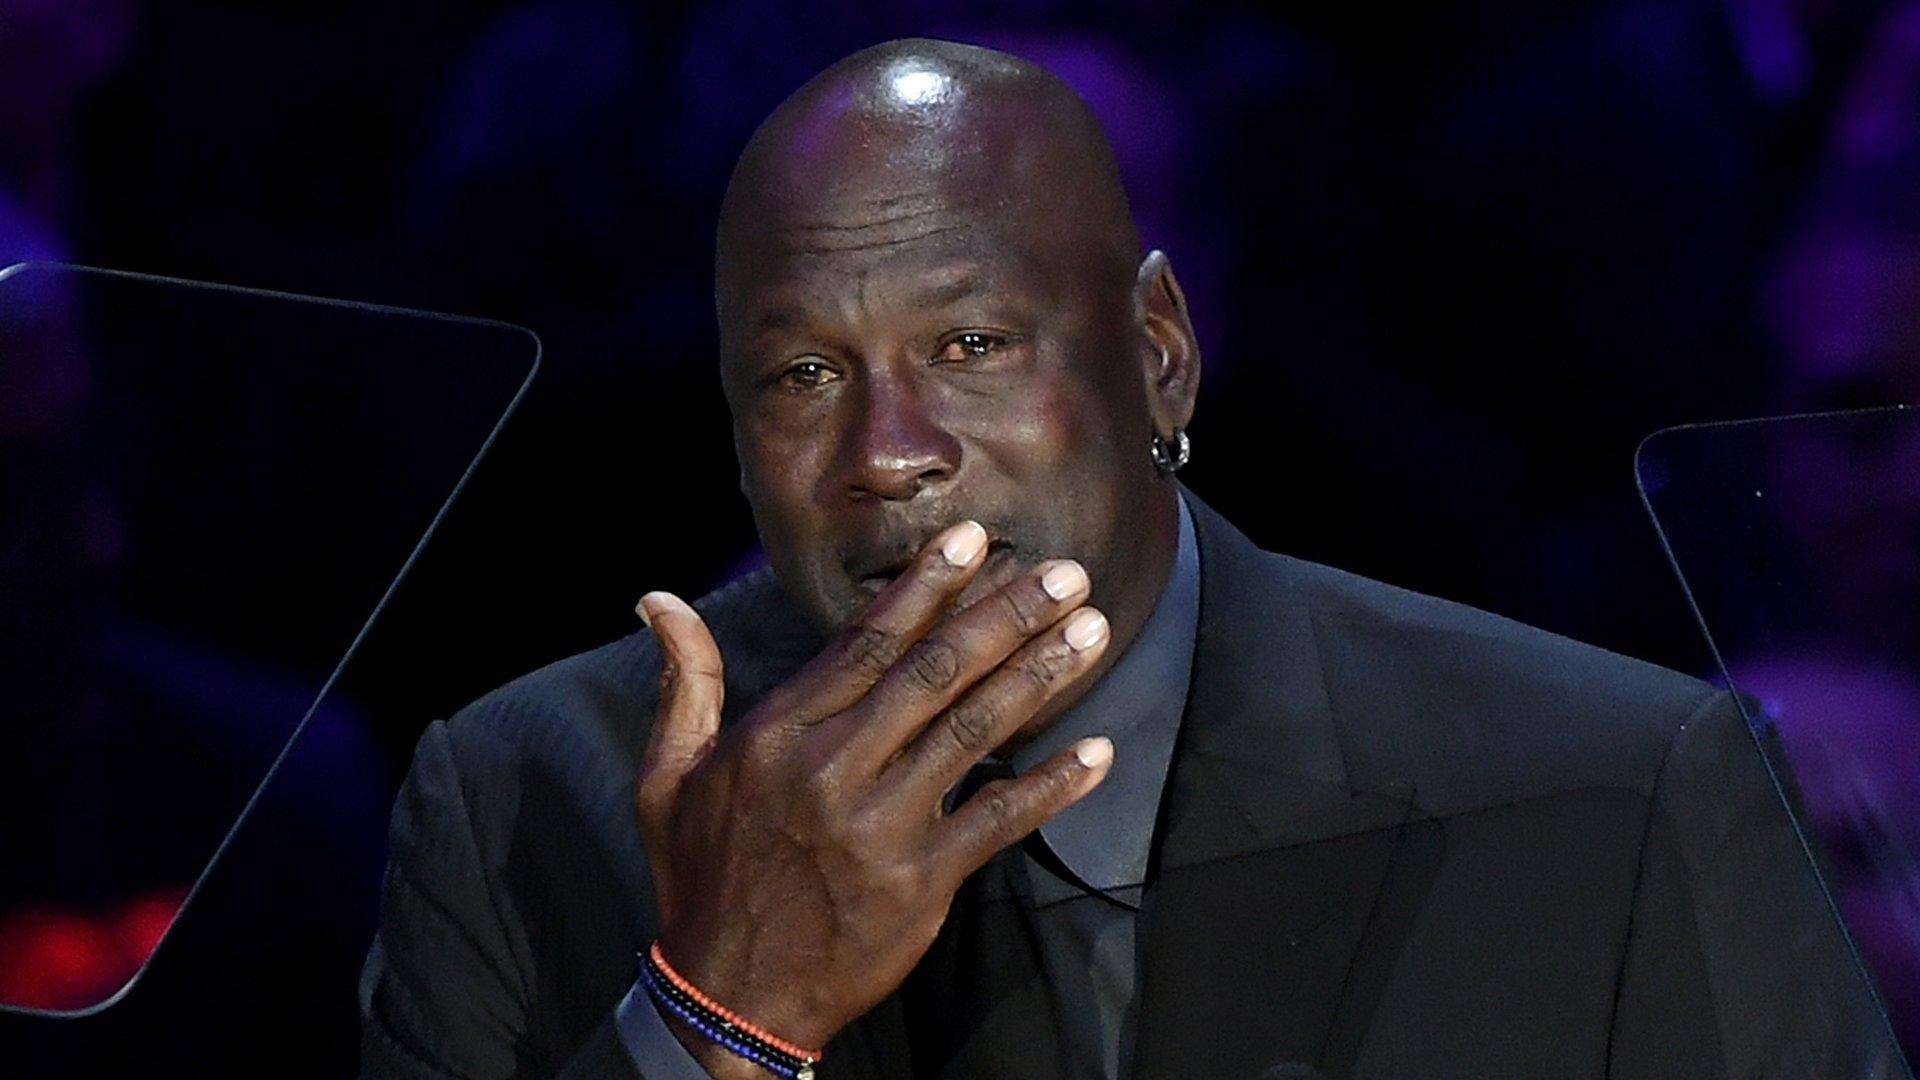 Michael Jordan speaks during The Celebration of Life for Kobe & Gianna Bryant at Staples Center on Feb. 24, 2020. (Credit: Kevork Djansezian/Getty Images)